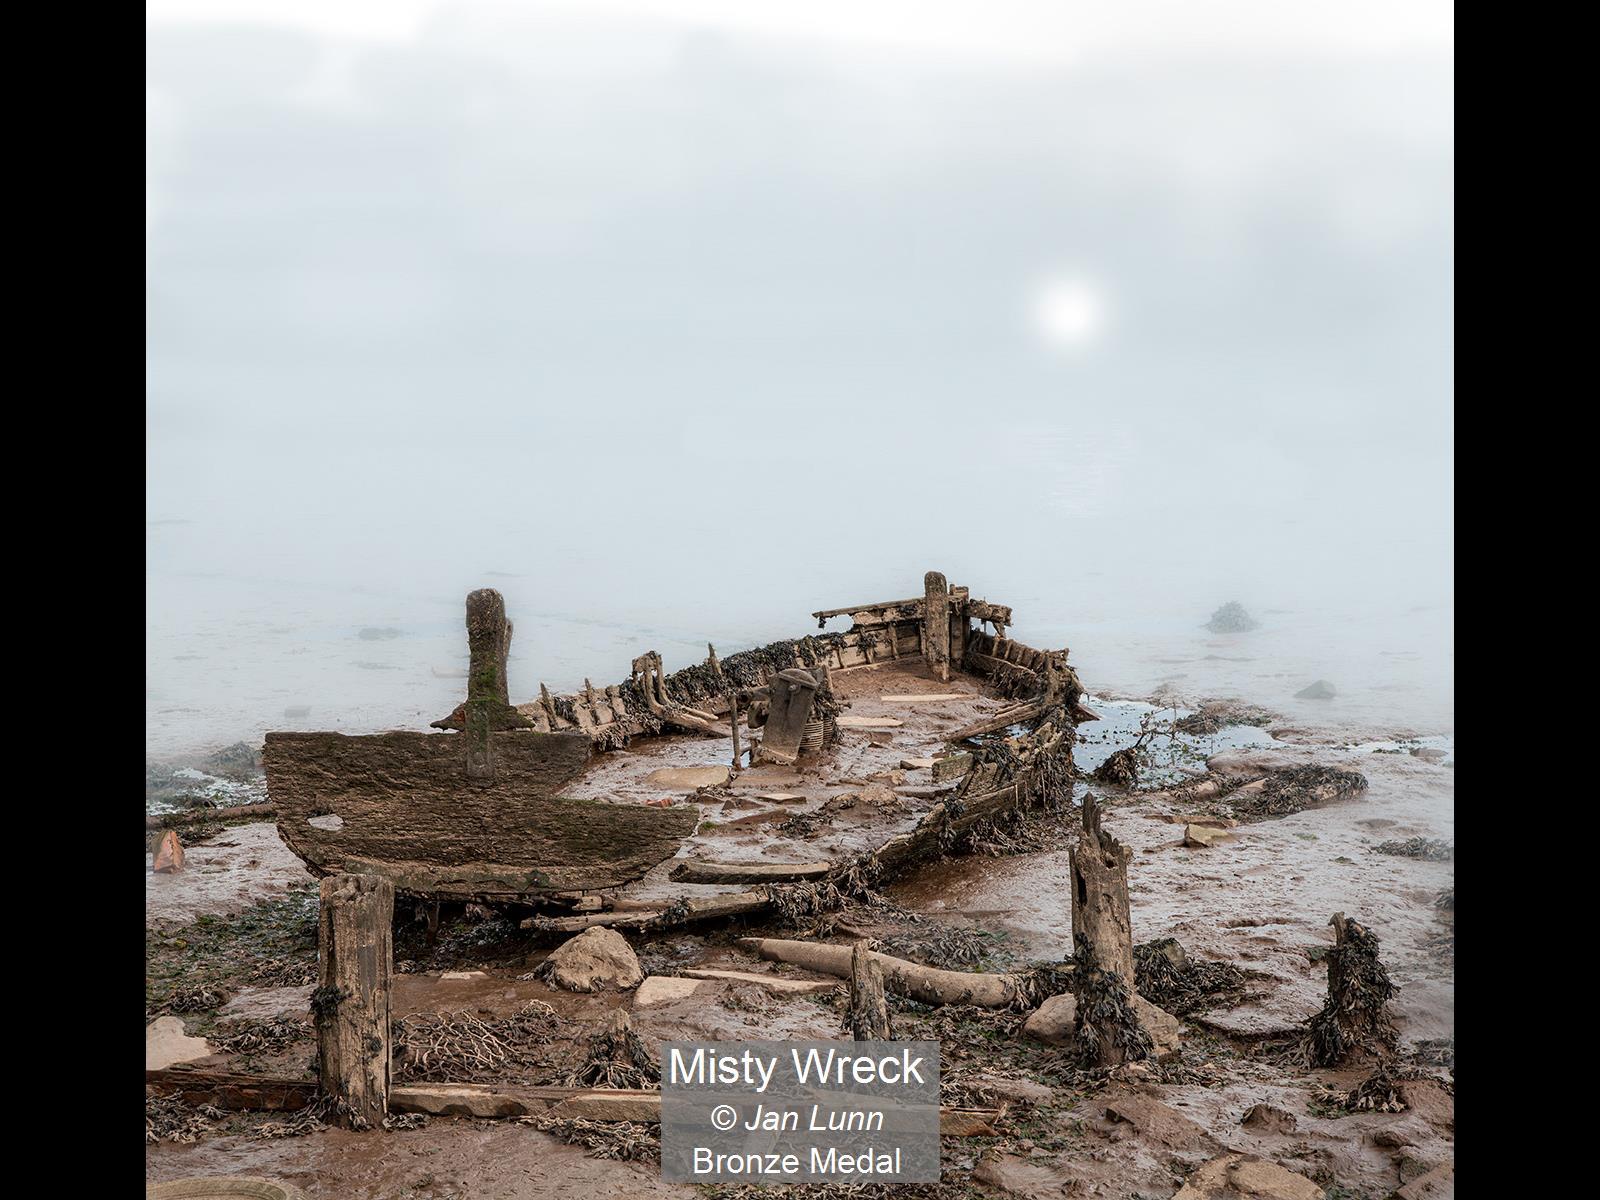 Misty Wreck_Jan Lunn_Bronze